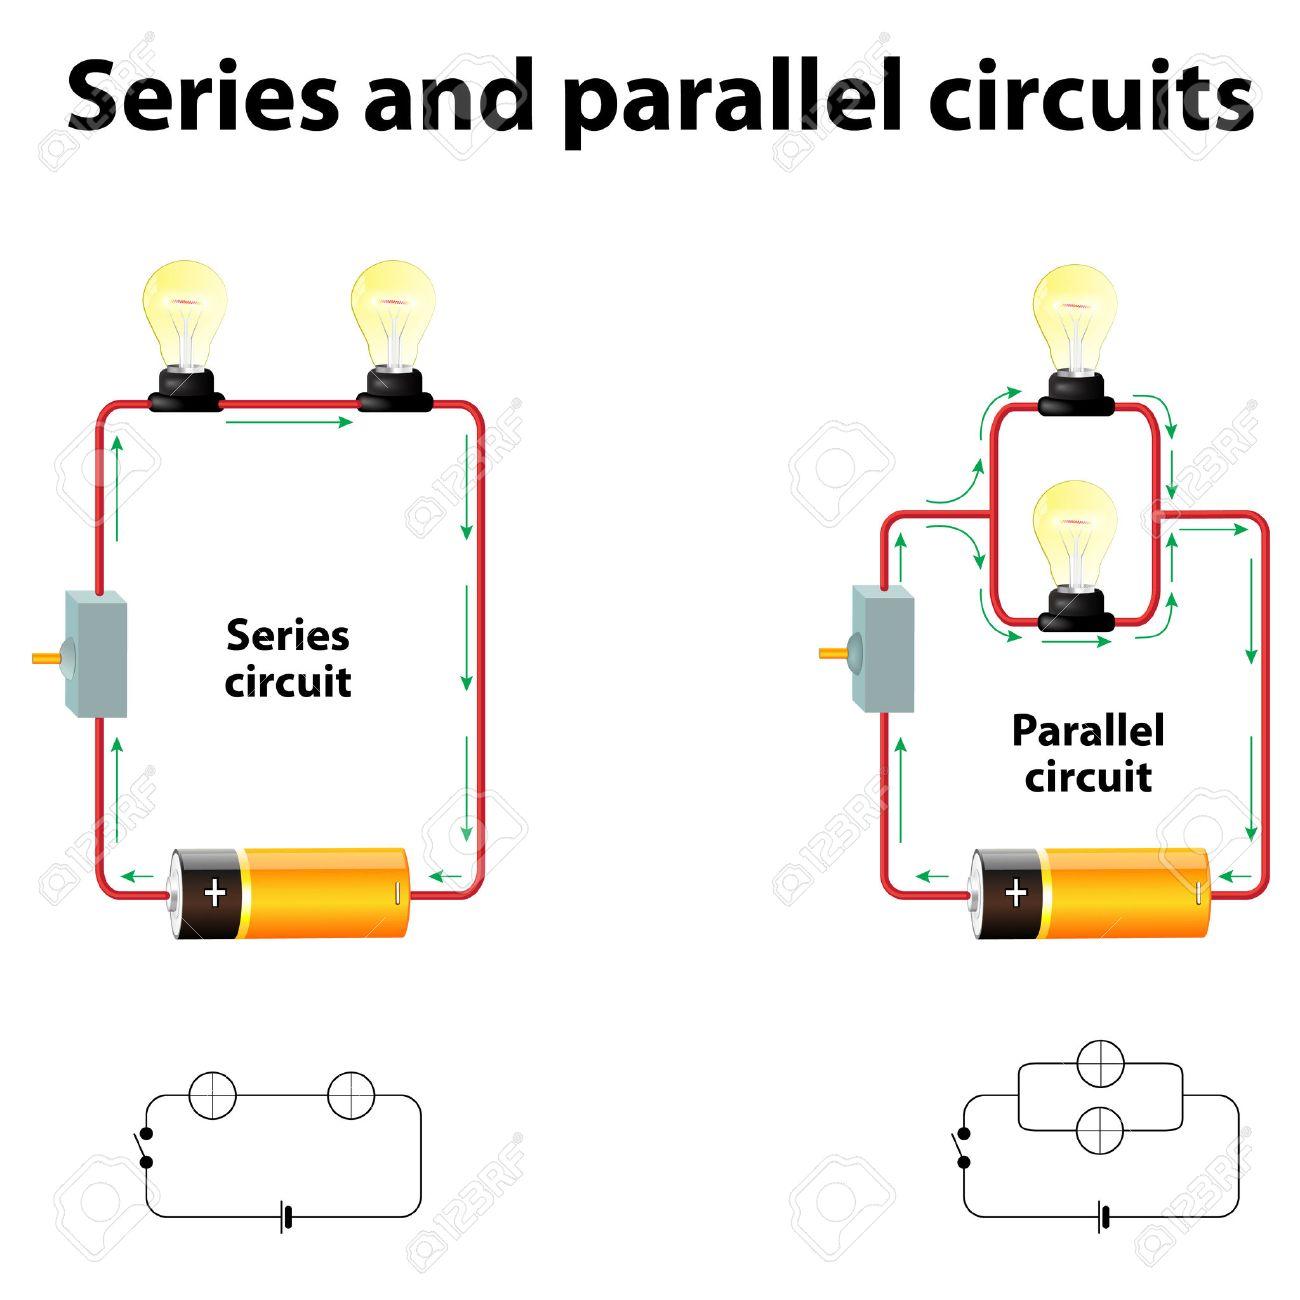 Series Et Circuits Parallles En Srie Sont Relies Le Long Dun In A Parallel Circuit Trajet Unique De Sorte Que Mme Courant Circule Travers Tous Les Composants